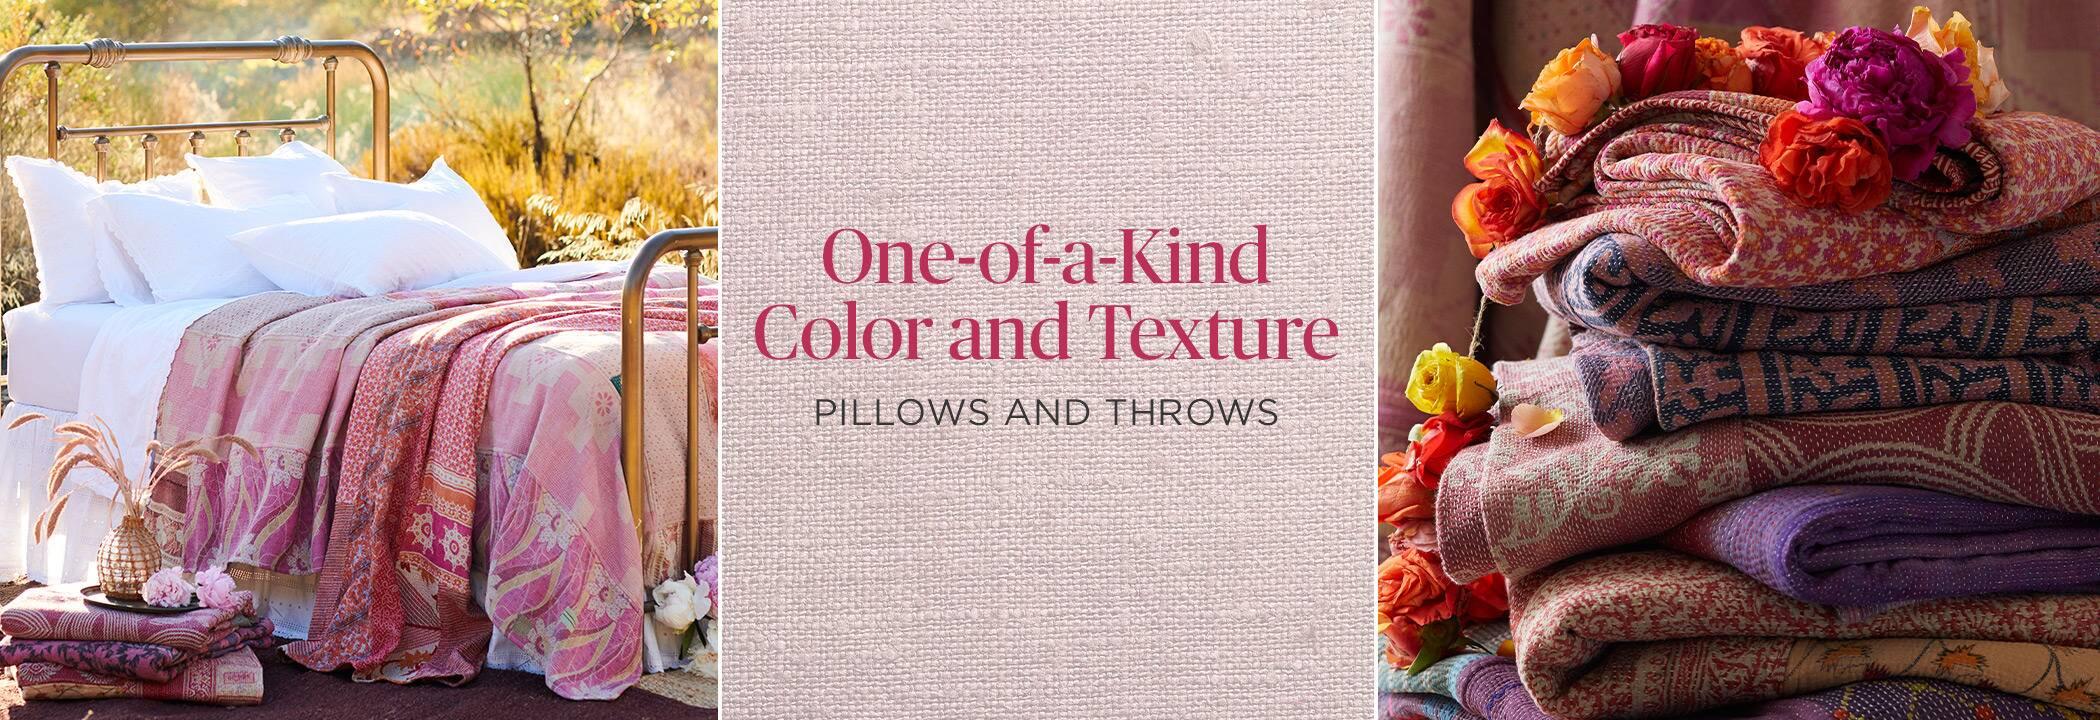 OOAK Pillows